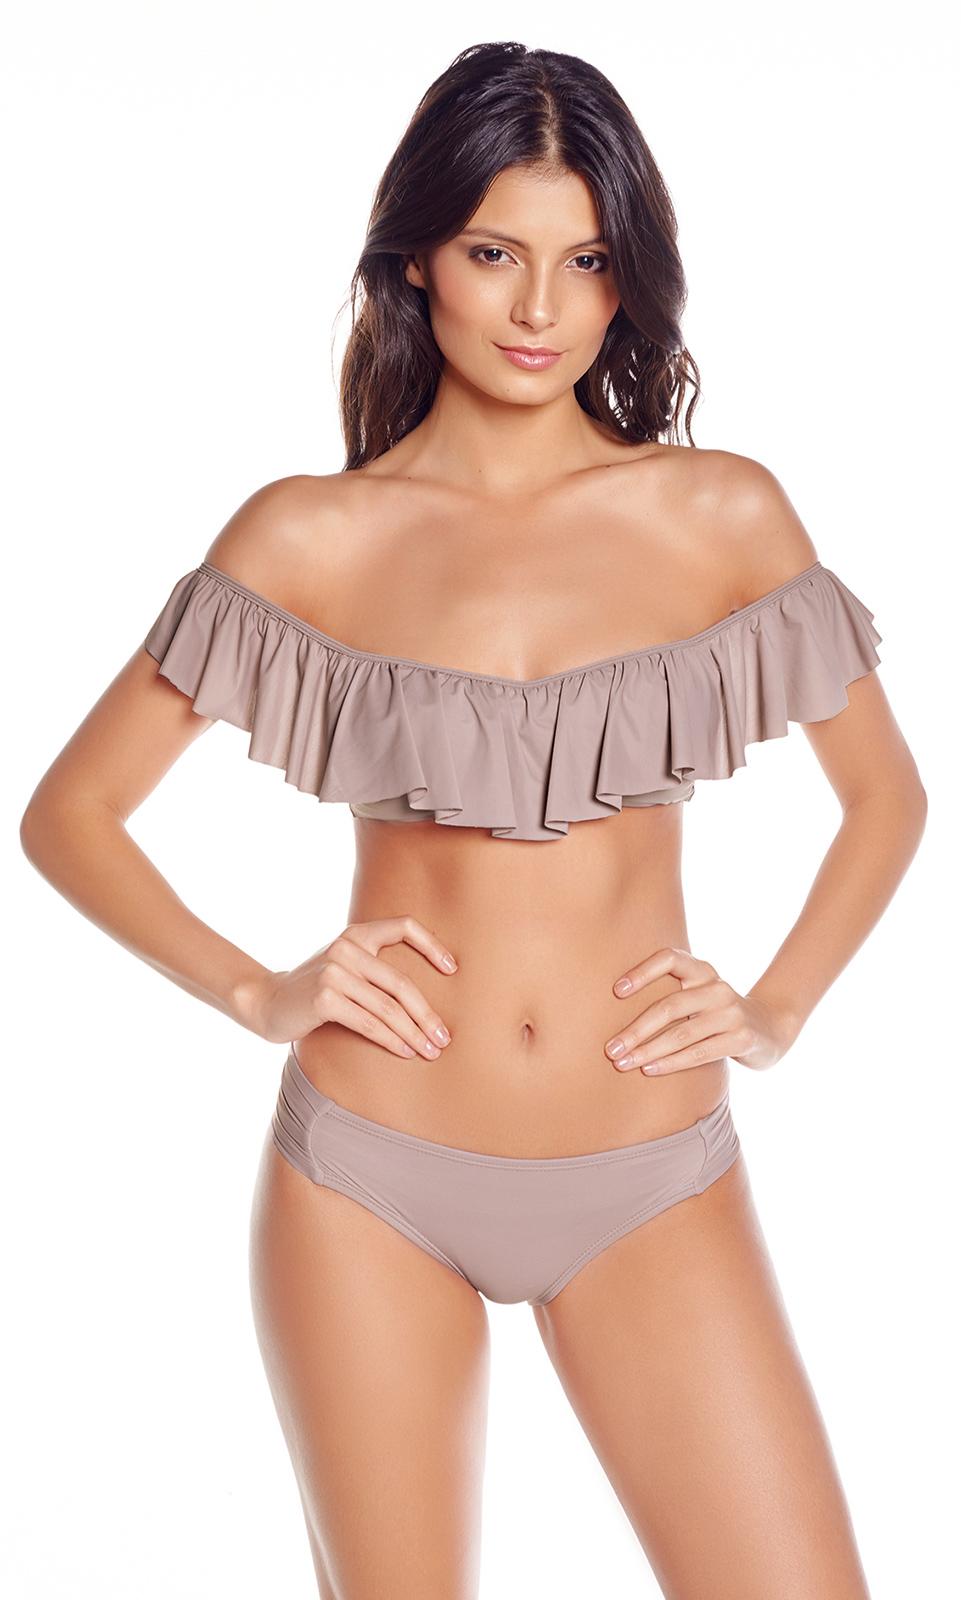 8397dc55af49 Bikini Rosa Y Beige Con Top Bandeau Multi Posición Con Volant - Ondas  Perfeitas